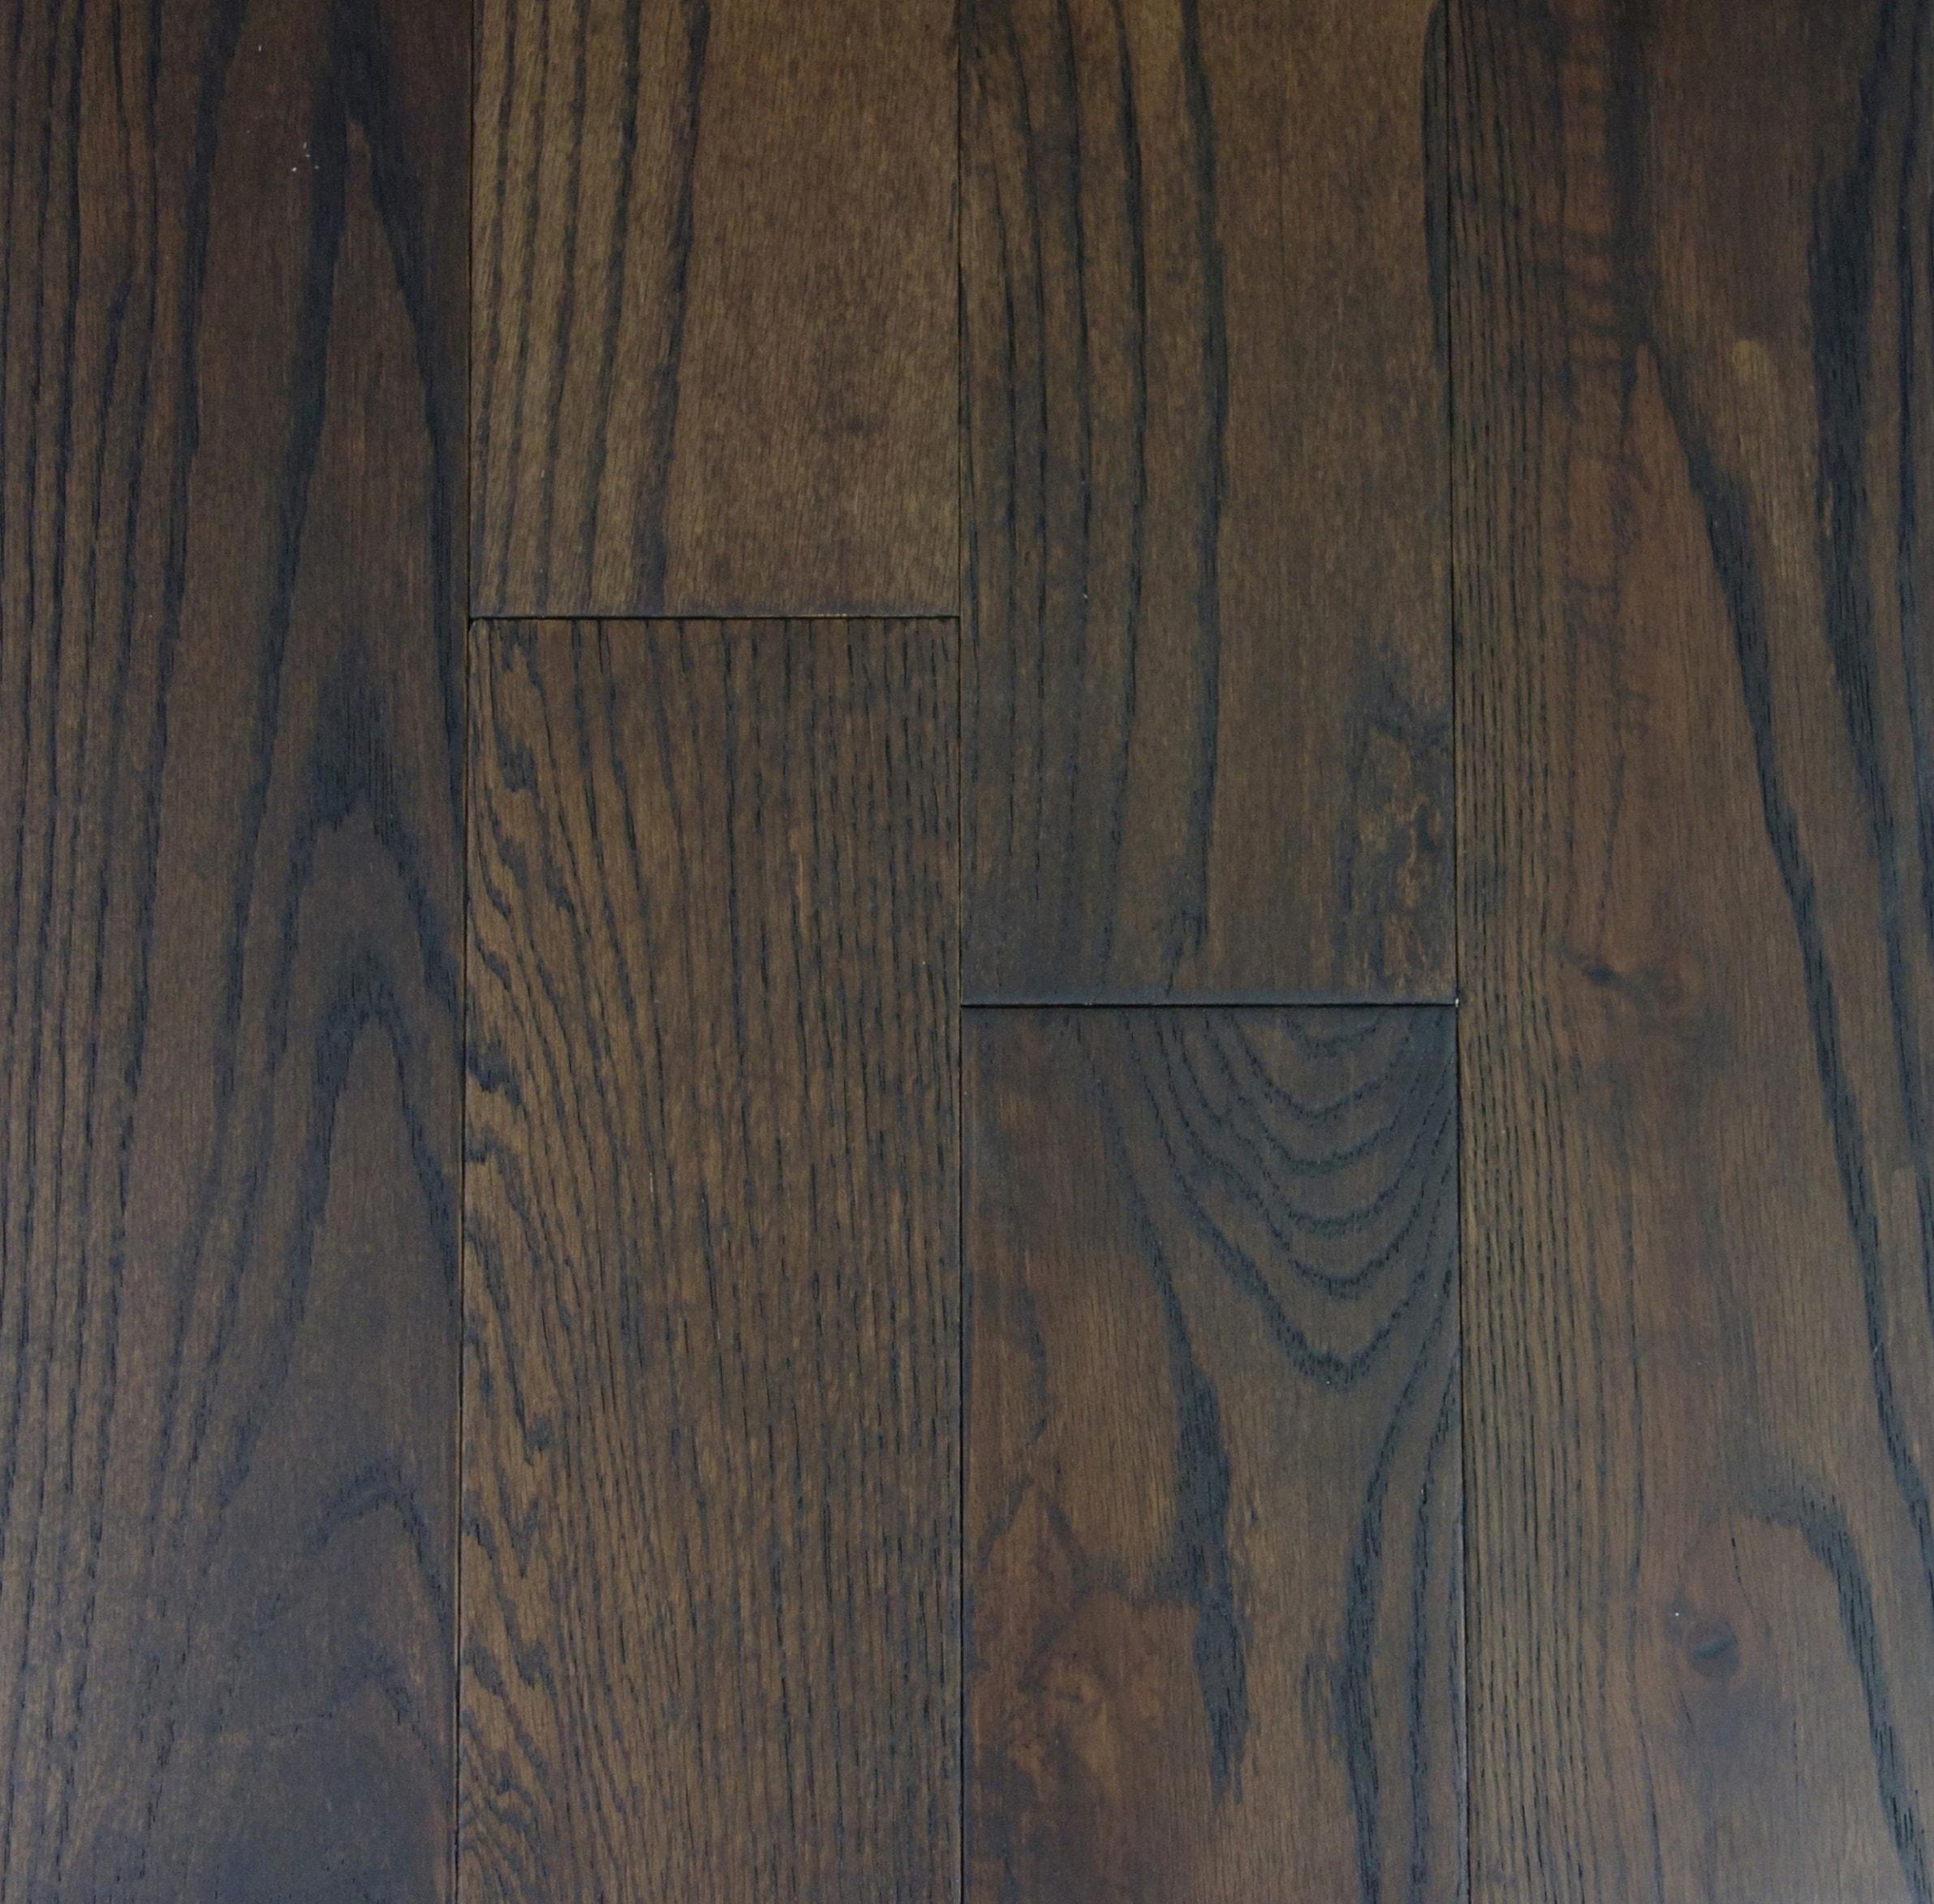 Hazelnut / Oak / 8-layer UV-cured aluminum oxide finish / 7.5 European Oak 0